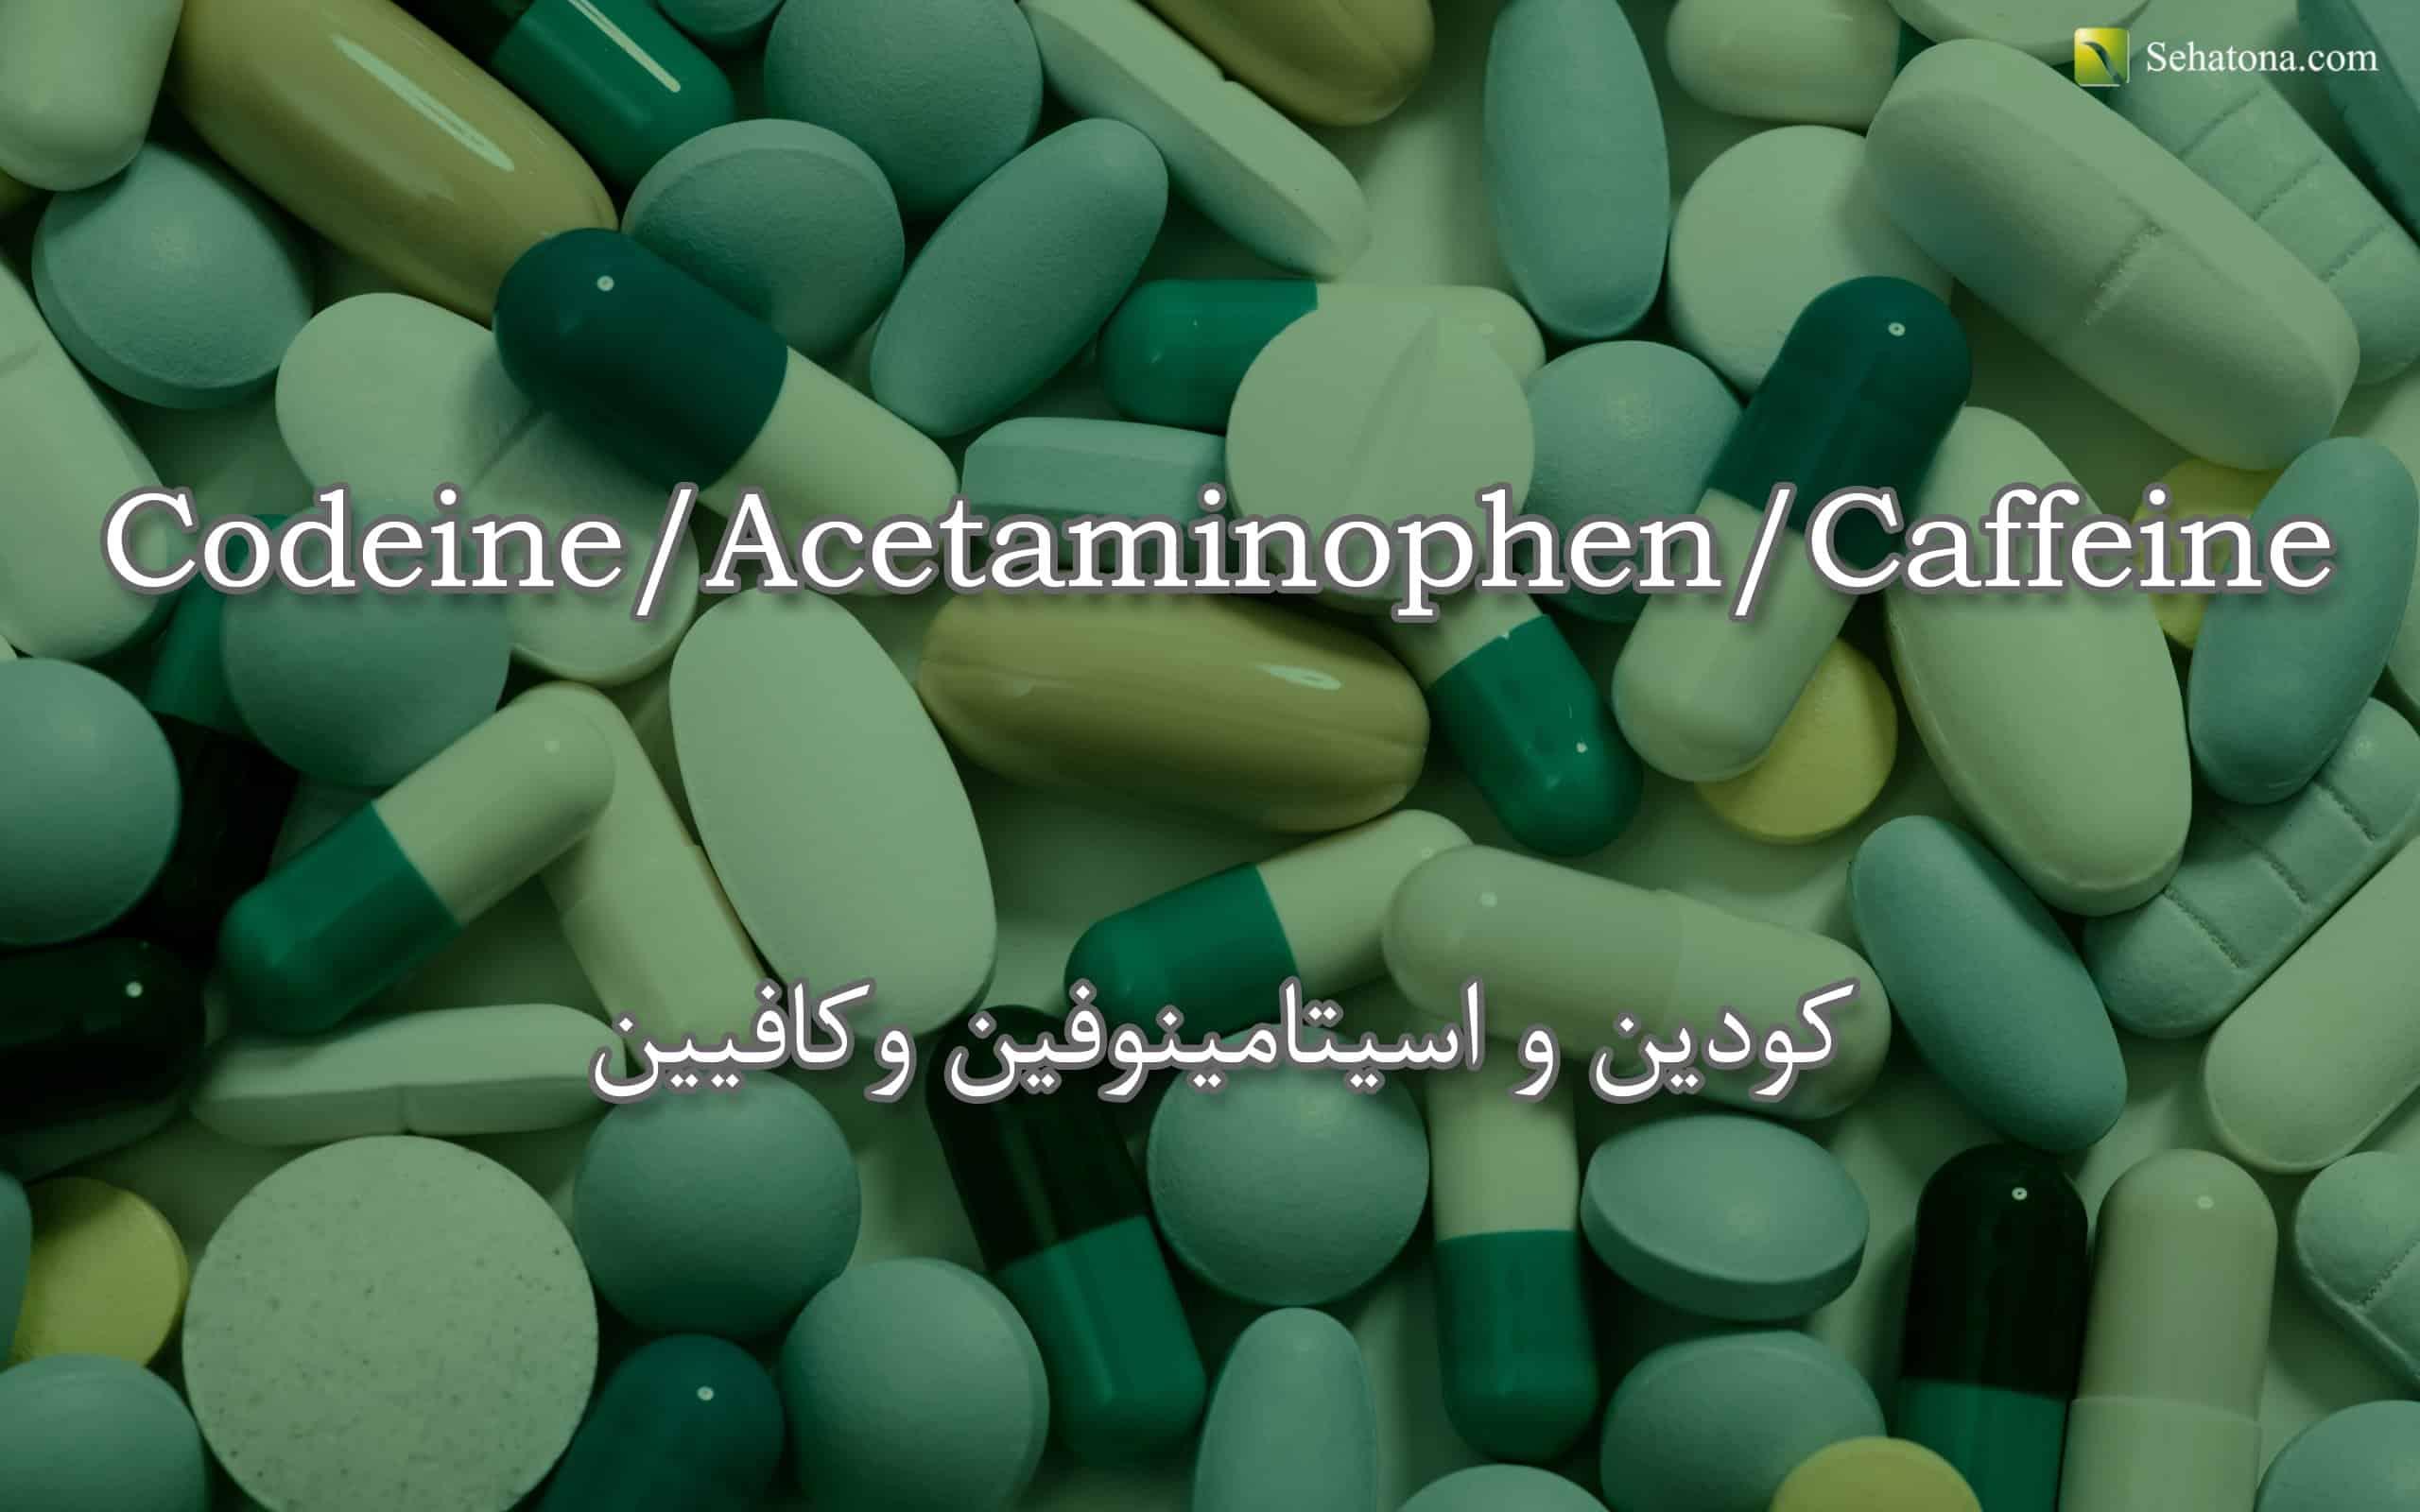 Codeine-Acetaminophen-Caffeine